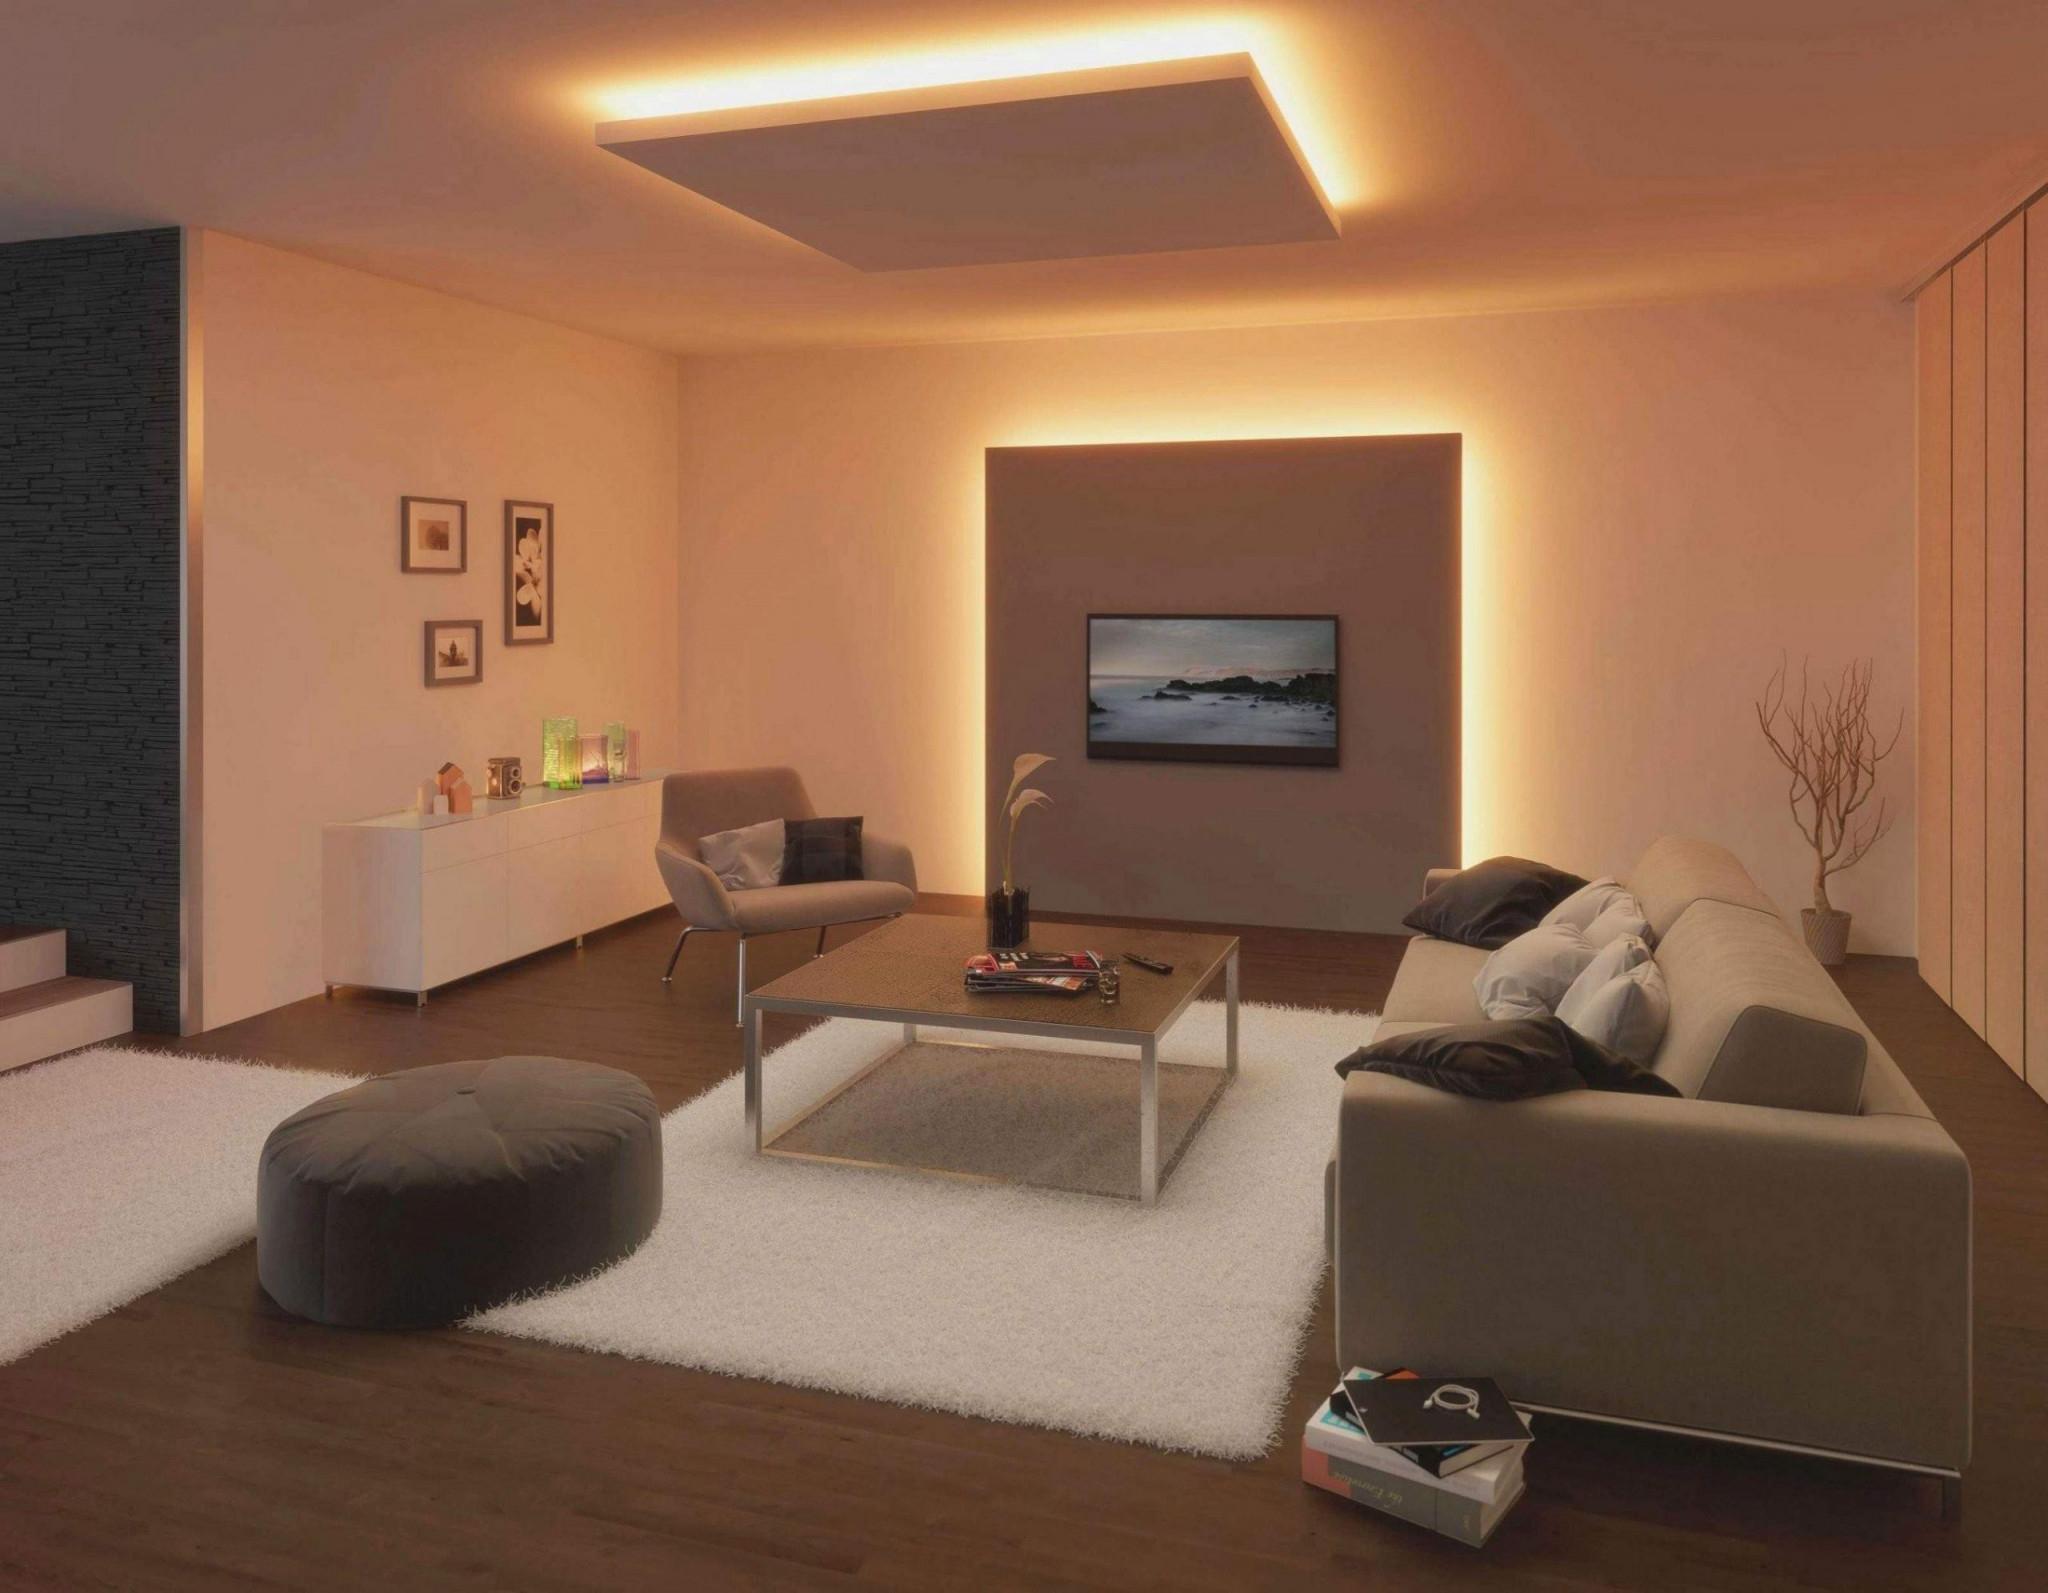 38 Genial Lampen Wohnzimmer Design Reizend  Wohnzimmer Frisch von Coole Wohnzimmer Lampe Bild